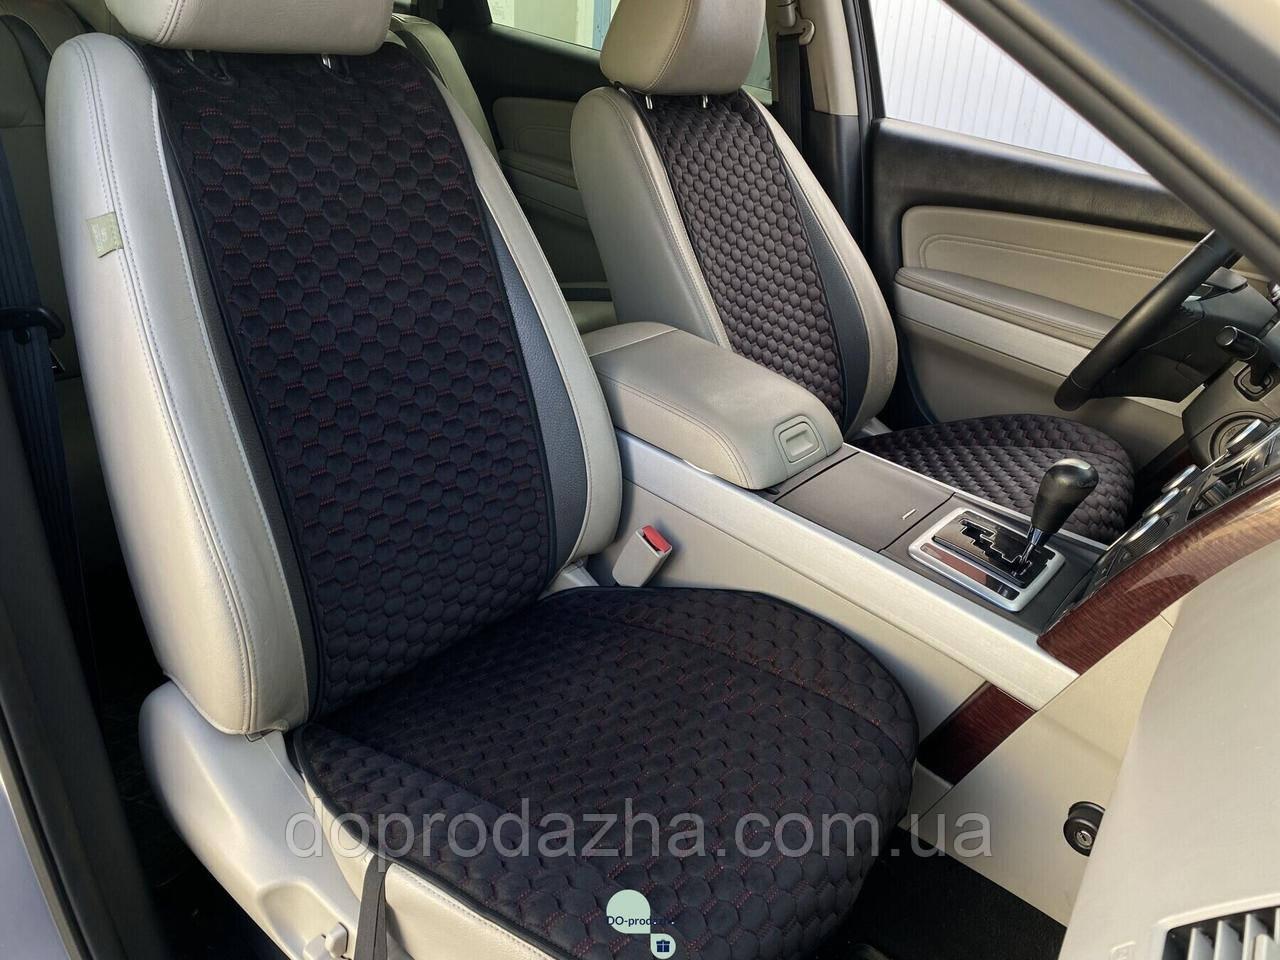 Накидки на сидіння з алькантари Lux (штучної замші), Чорний, червоні стільники. Преміум. 1 передня